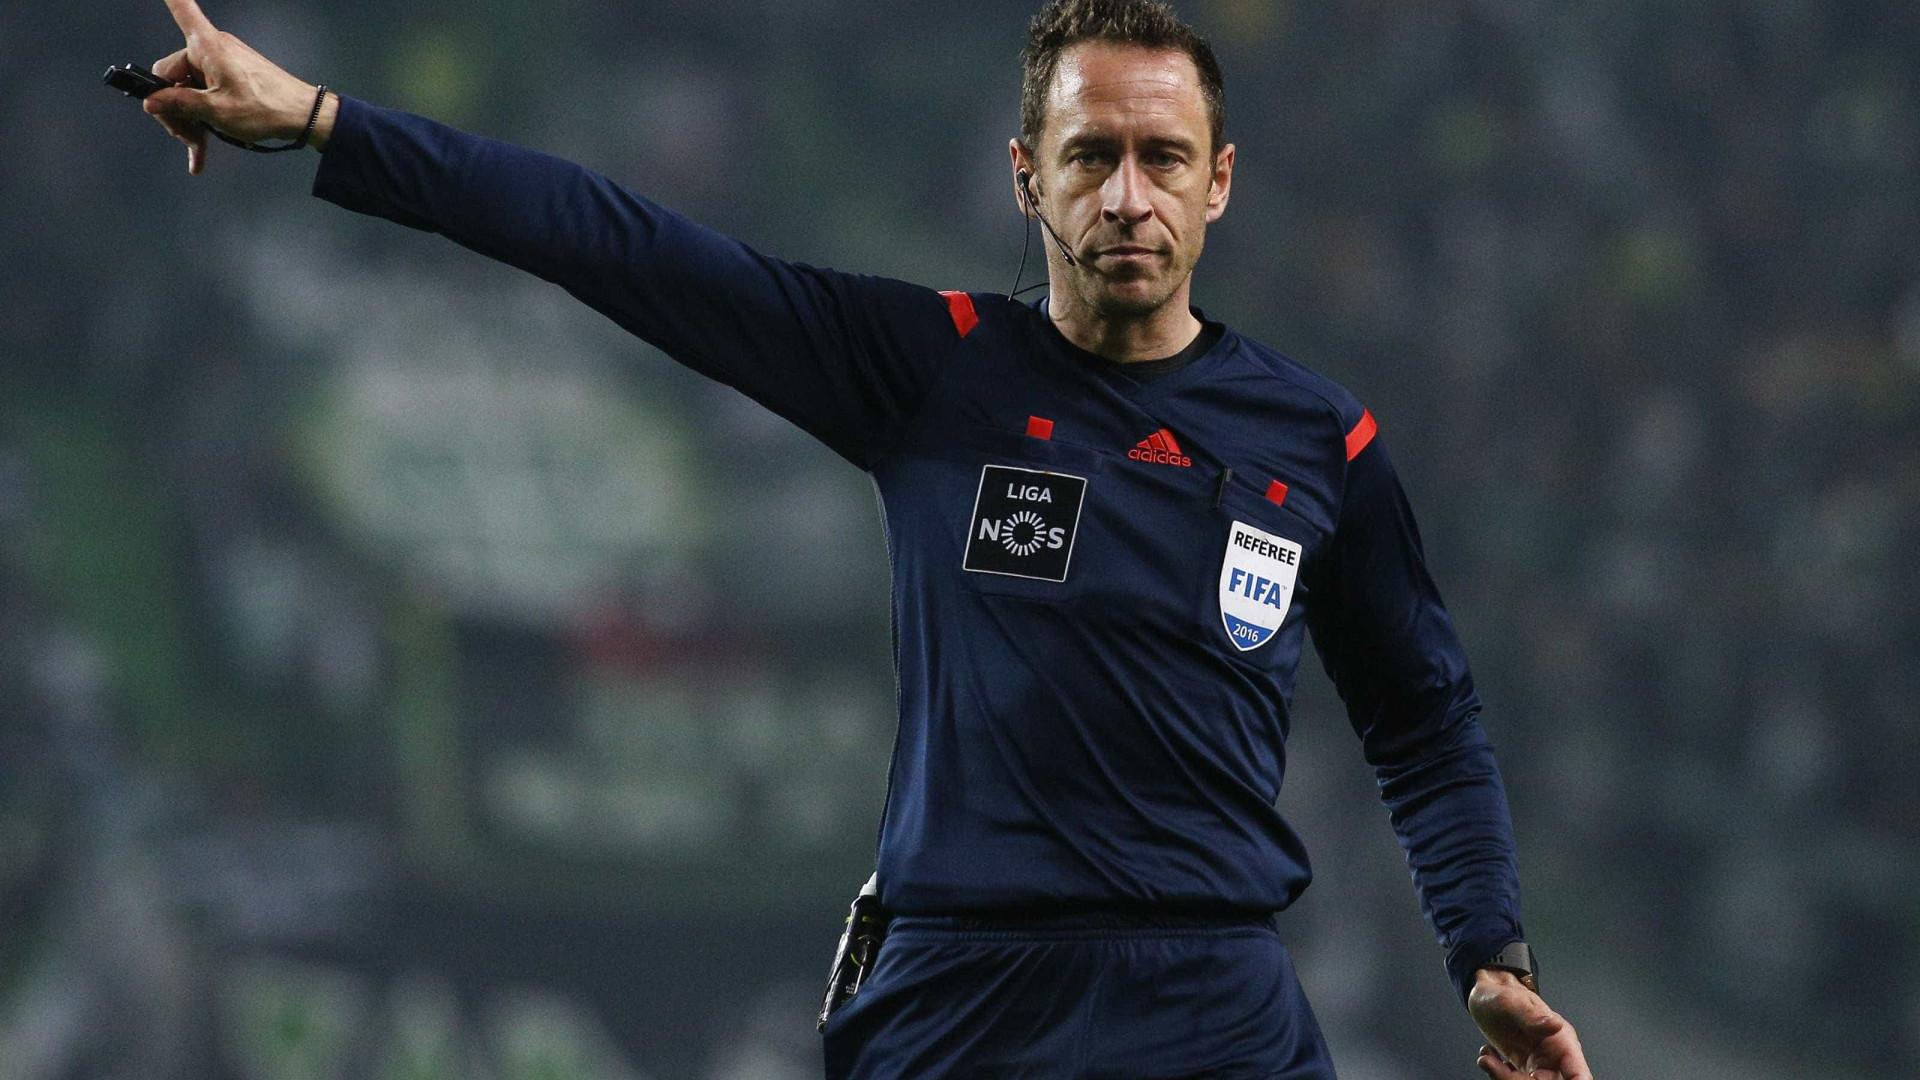 Já é conhecido o árbitro do Benfica-FC Porto